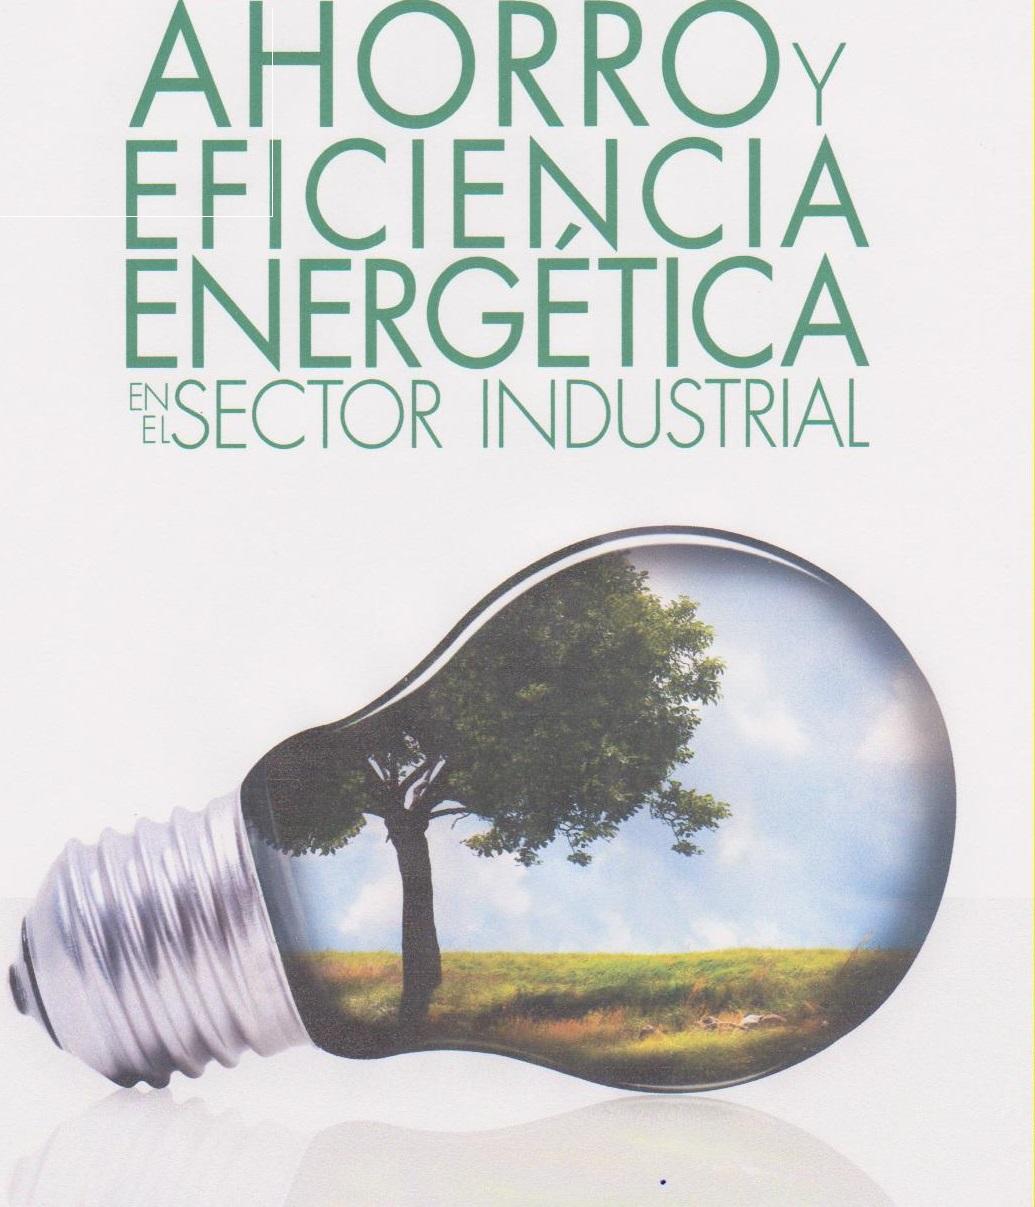 Ahorro y eficiencia garantiazado 100%